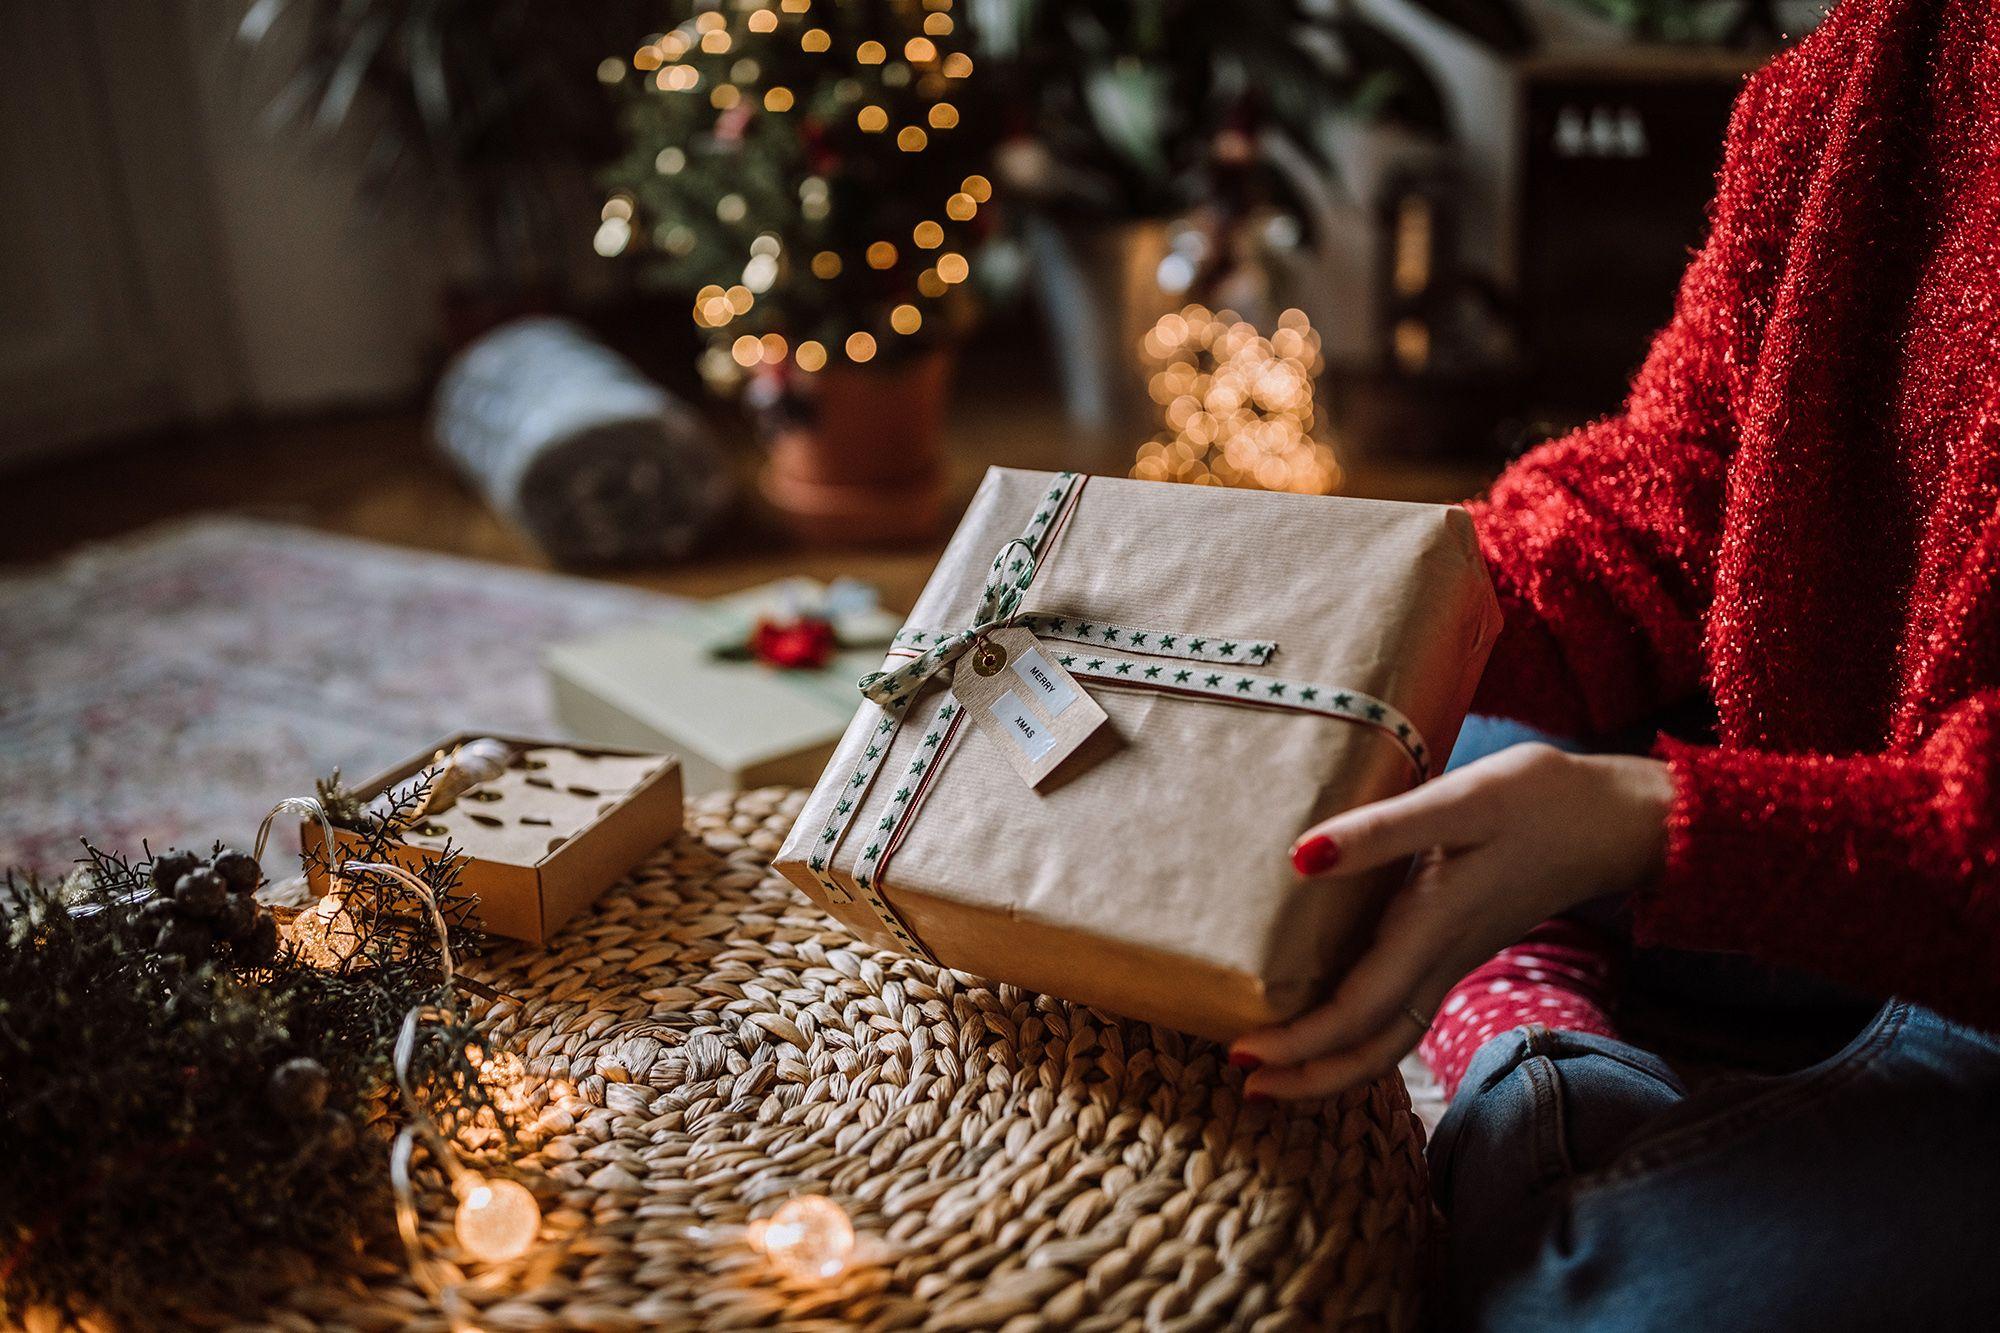 L'idea smart e velocissima per pensieri stupendi da far trovare sotto l'albero sono i regali di Natale su Amazon